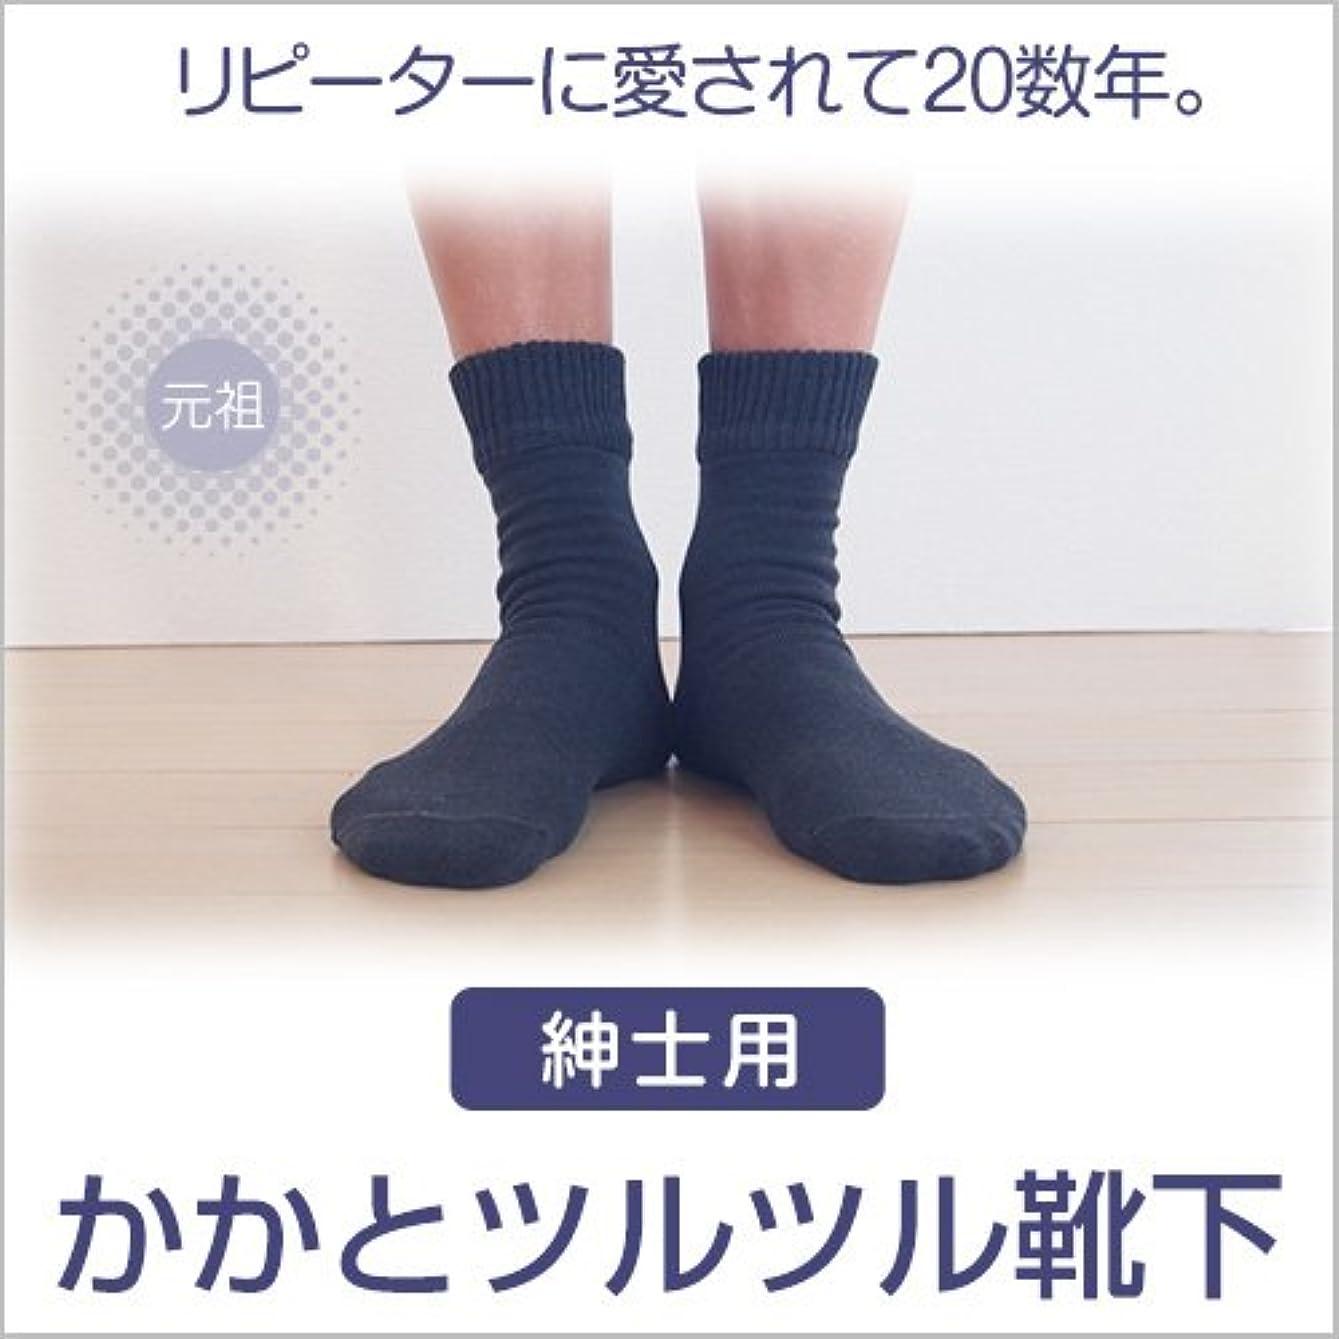 仲良し共同選択恐れ男性用 かかと ツルツル 靴下 ブラック 24-26cm 角質 ケア ひび割れ対策 太陽ニット 700